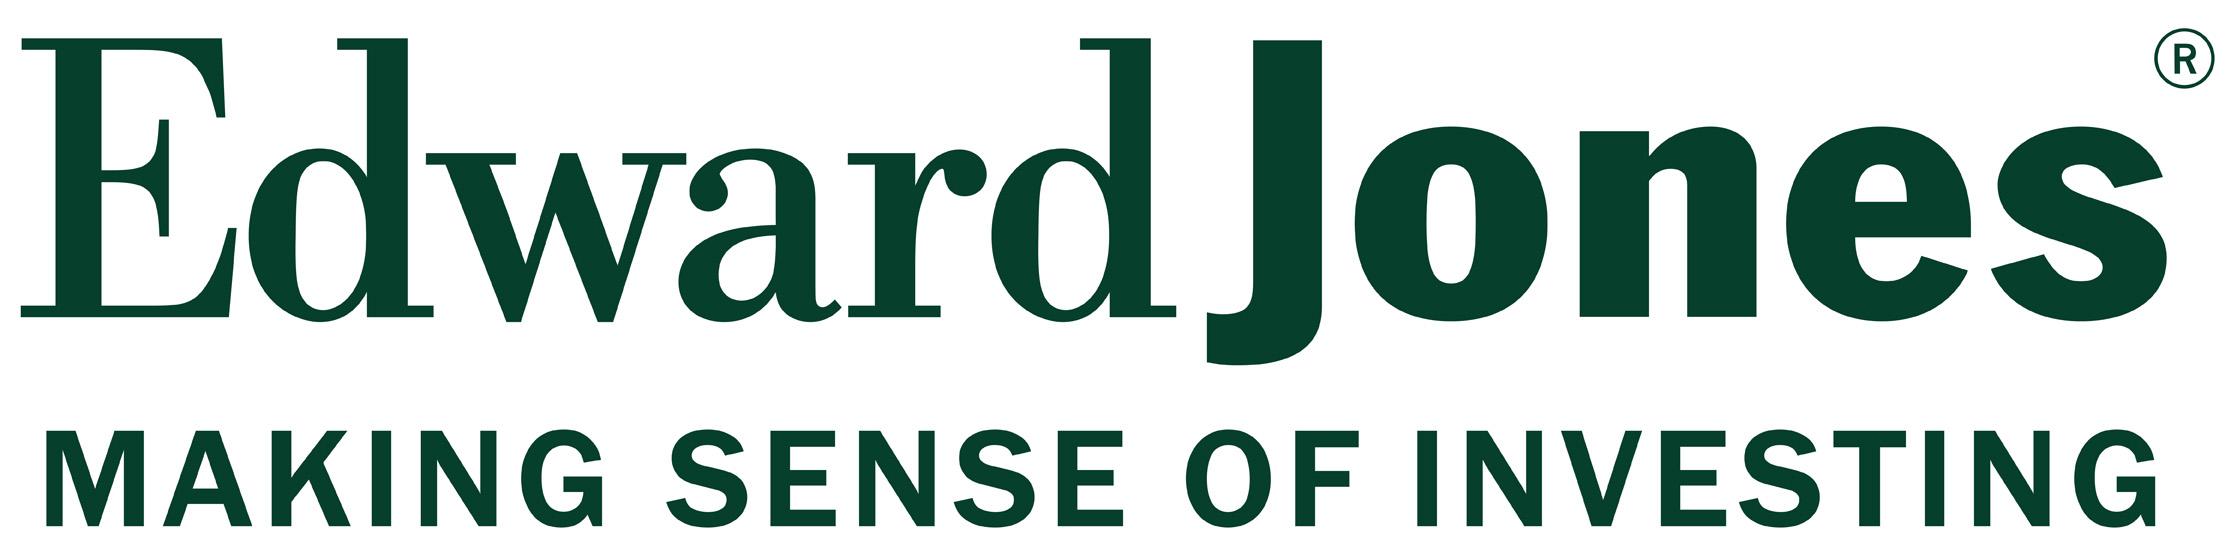 edward-jones-logo.jpg